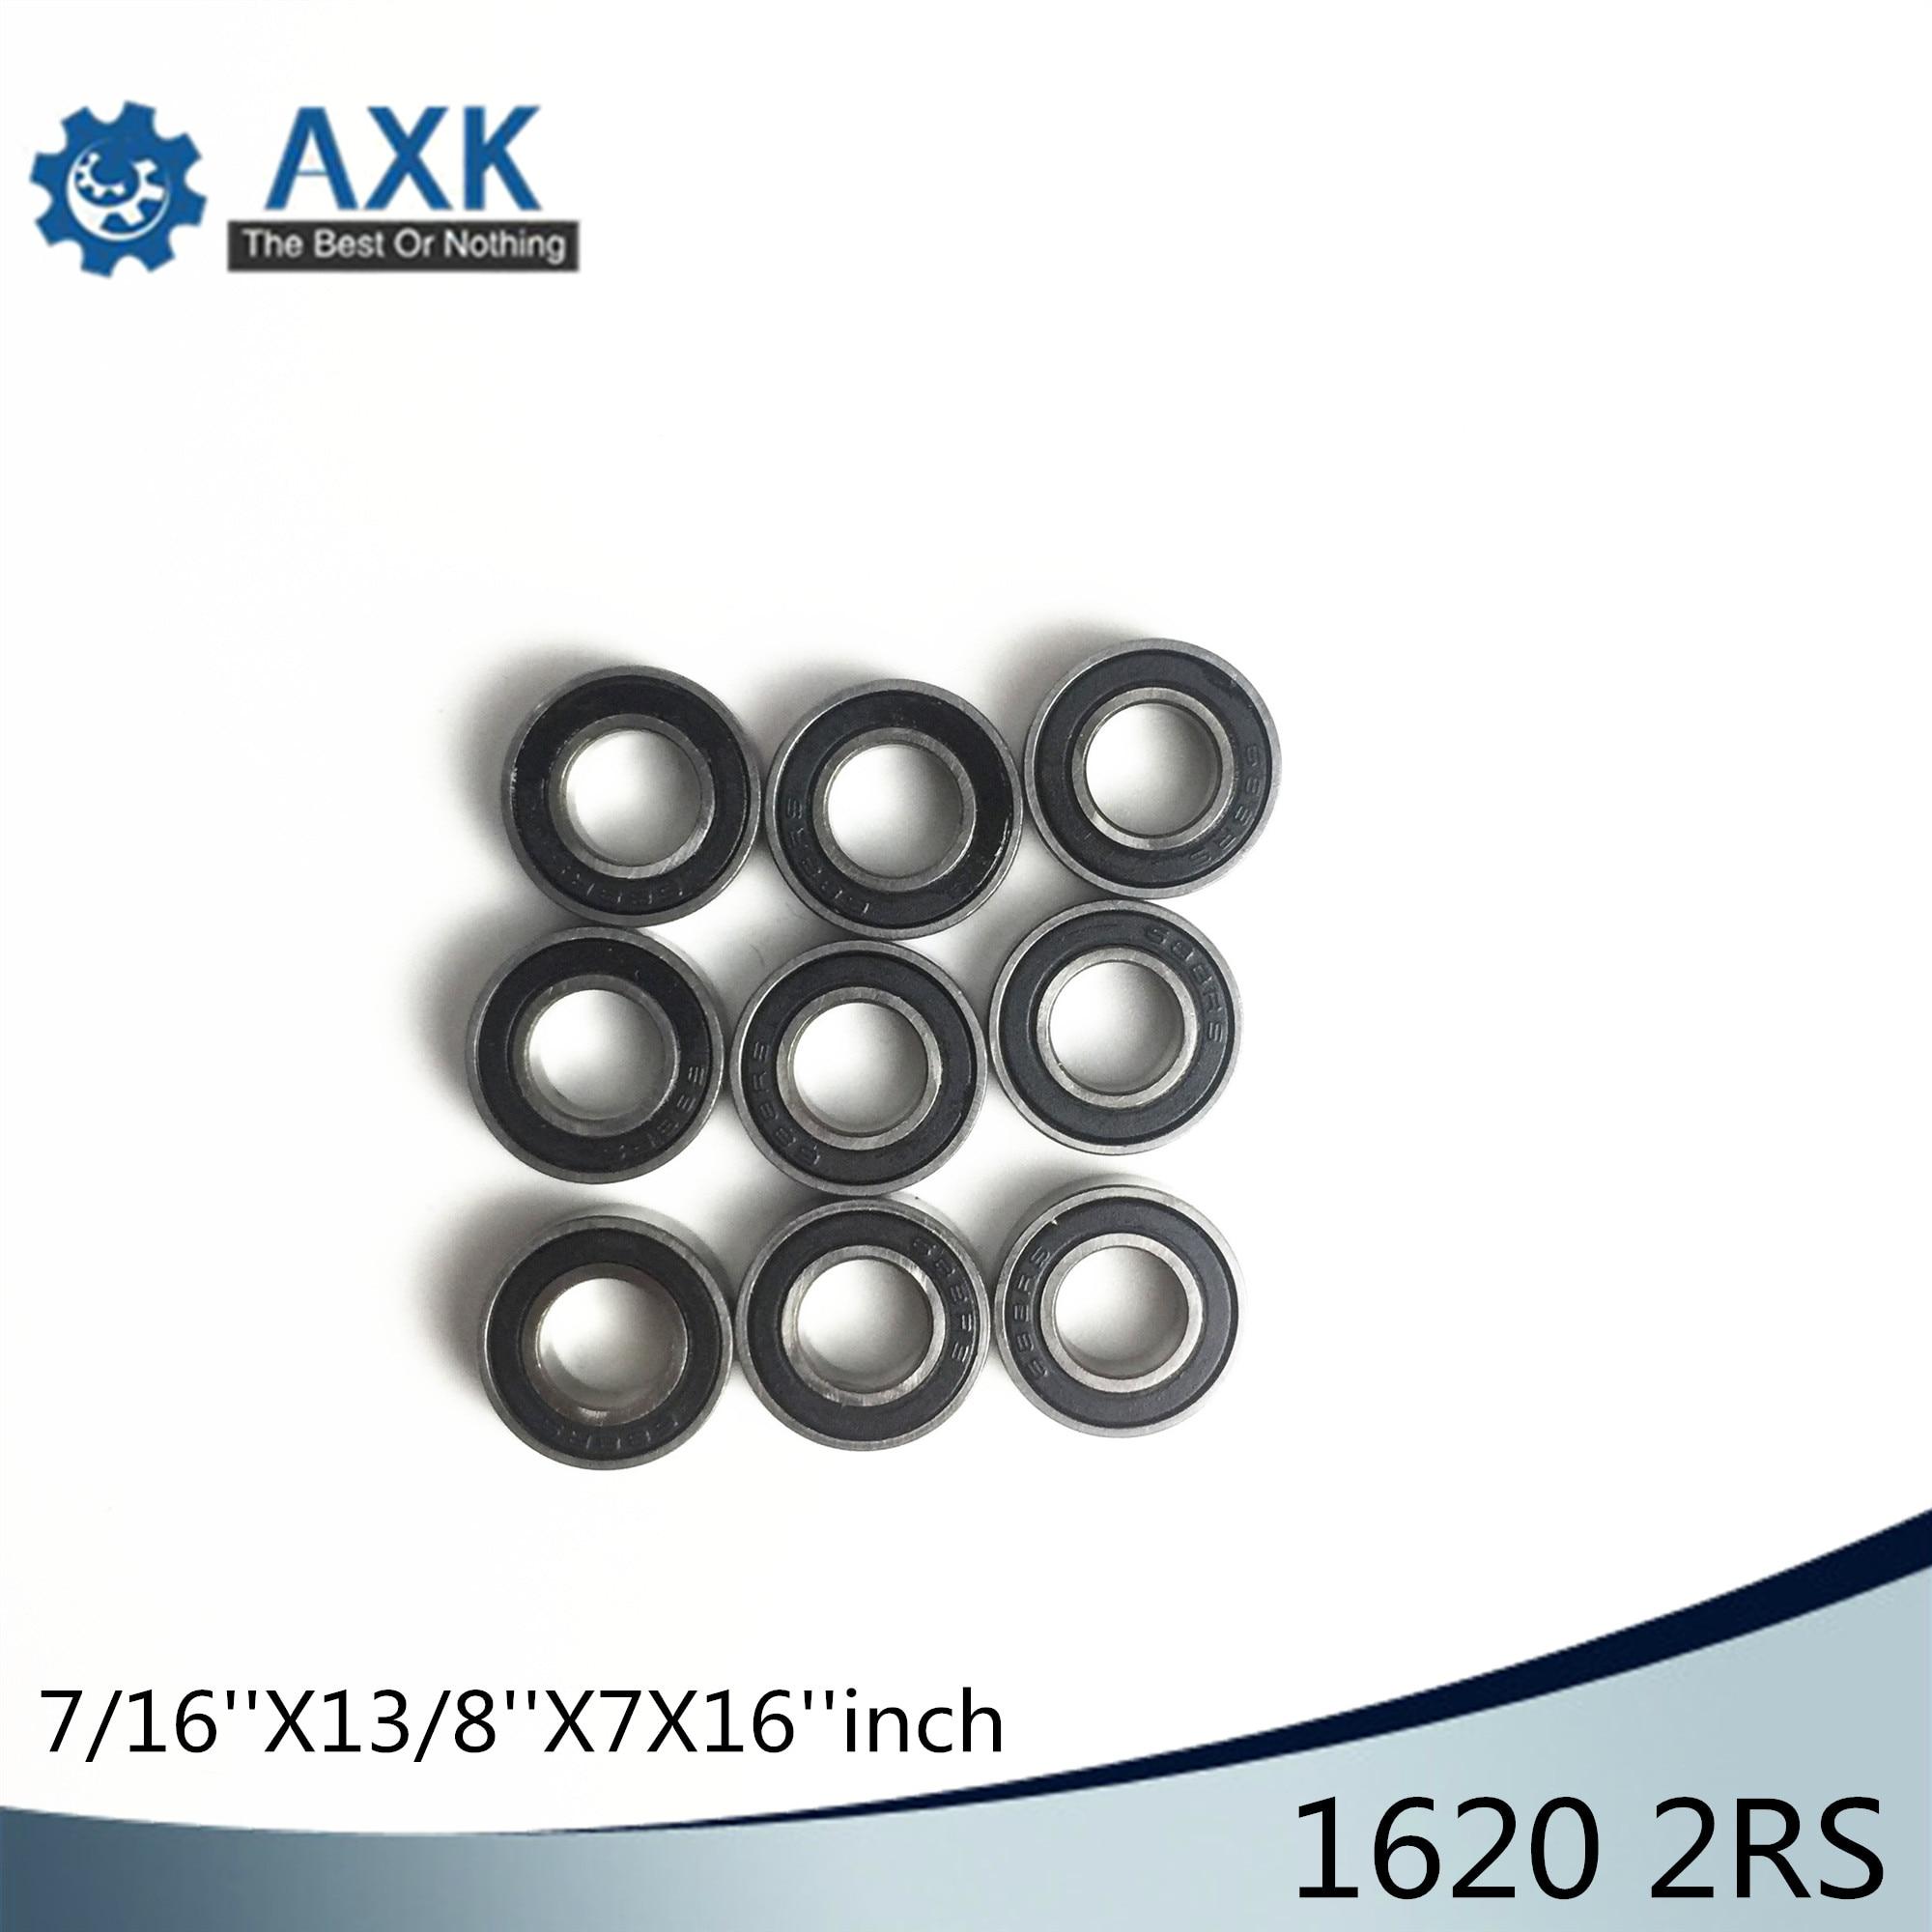 1620 2RS ABEC-1 (10PCS)  7/16x1 3/8x7/16 inch Ball Bearings 11.11mm x 34.93mm x 11.11mm 1620RS1620 2RS ABEC-1 (10PCS)  7/16x1 3/8x7/16 inch Ball Bearings 11.11mm x 34.93mm x 11.11mm 1620RS